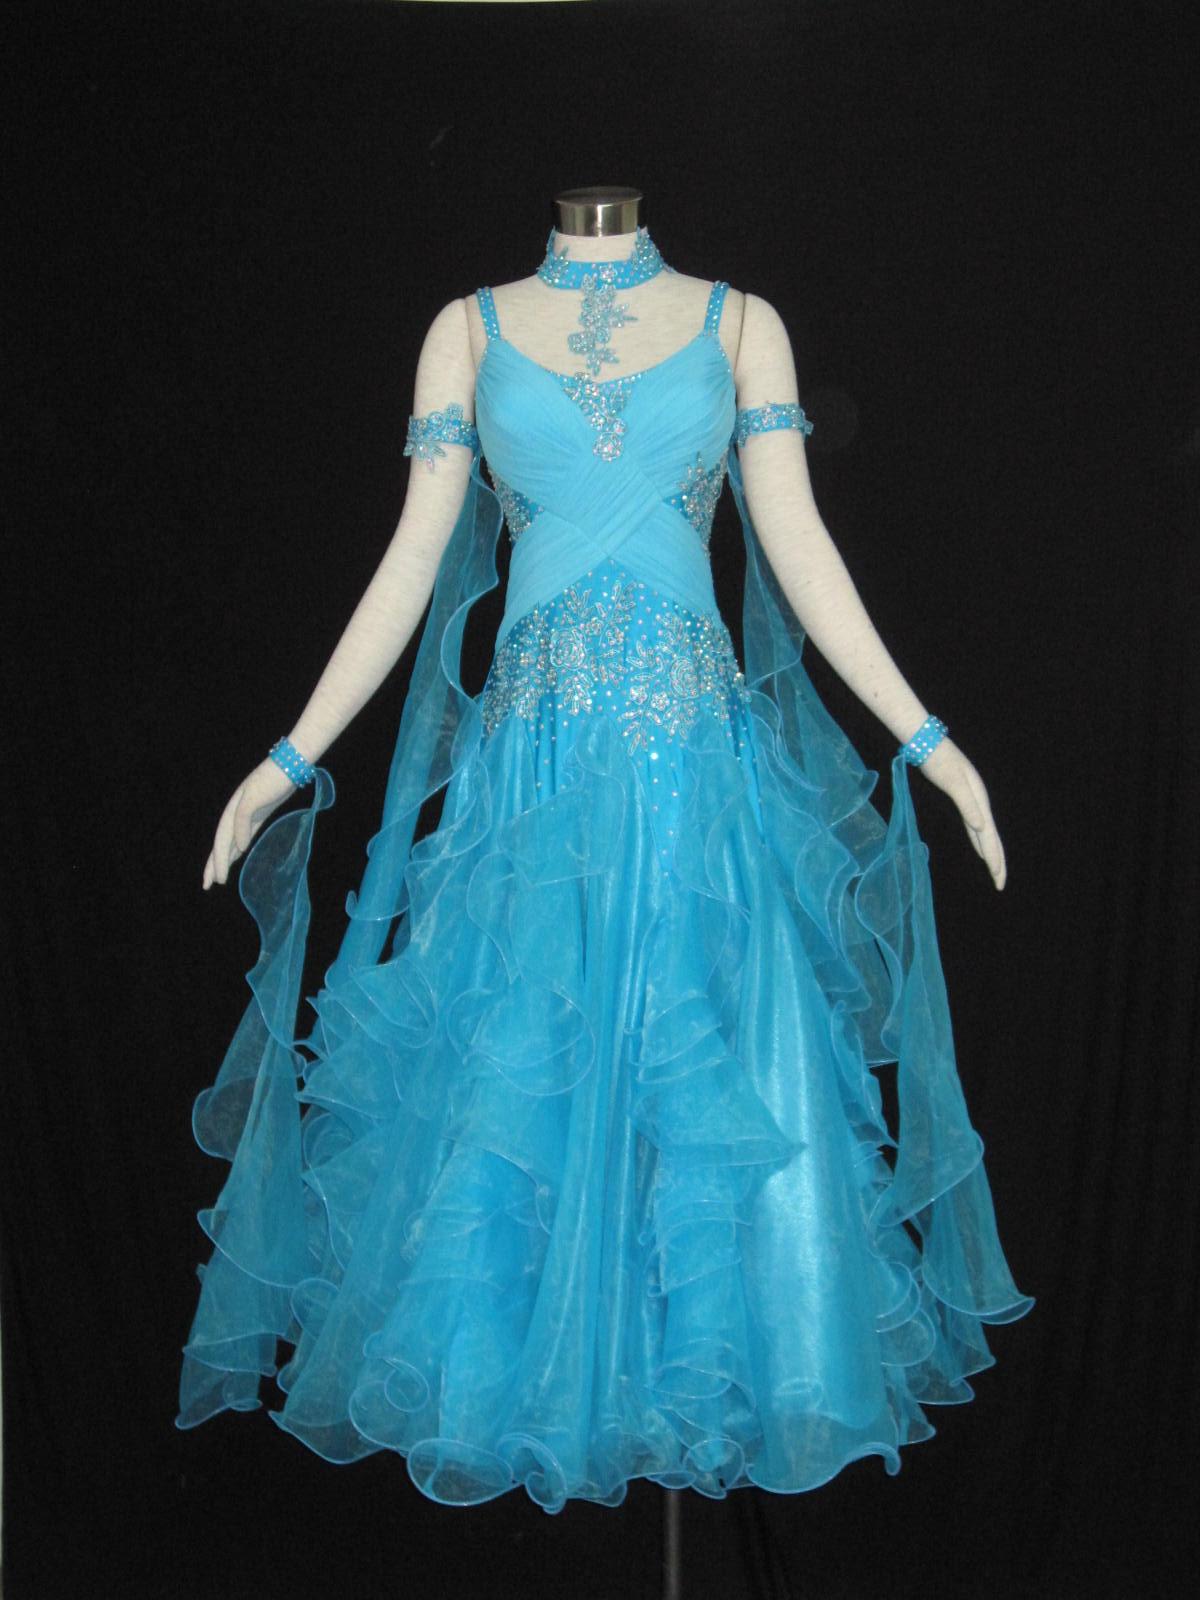 服装 比赛/供应国标舞裙摩登舞裙拉丁舞裙比赛裙 比赛级摩登舞裙...[详细]...